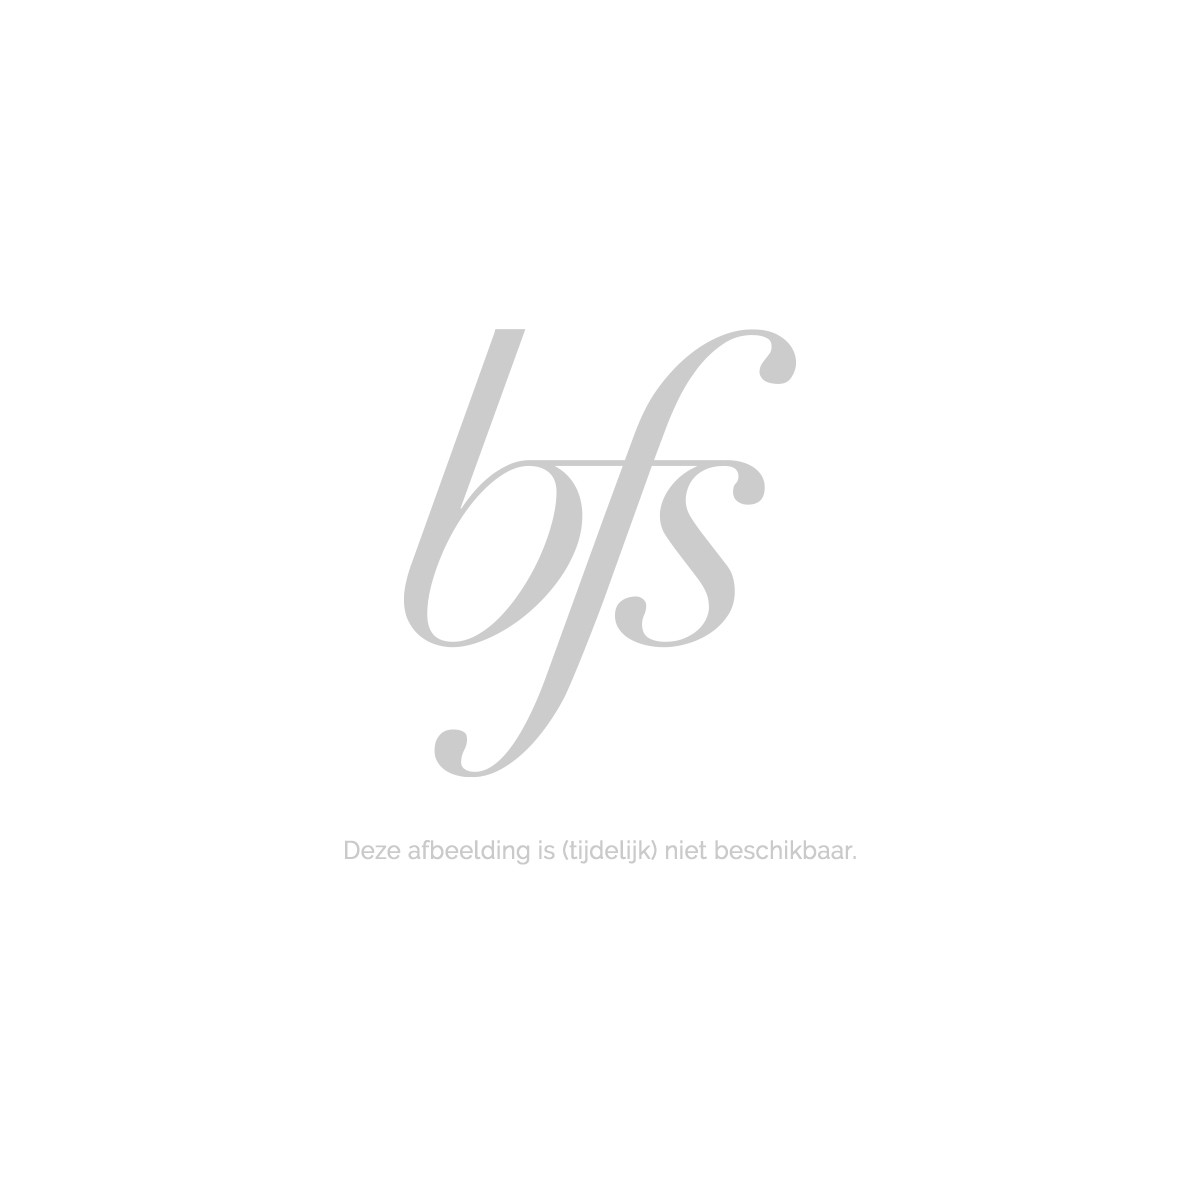 Marc Jacobs Daisy Dream Eau de Toilette 100 ml